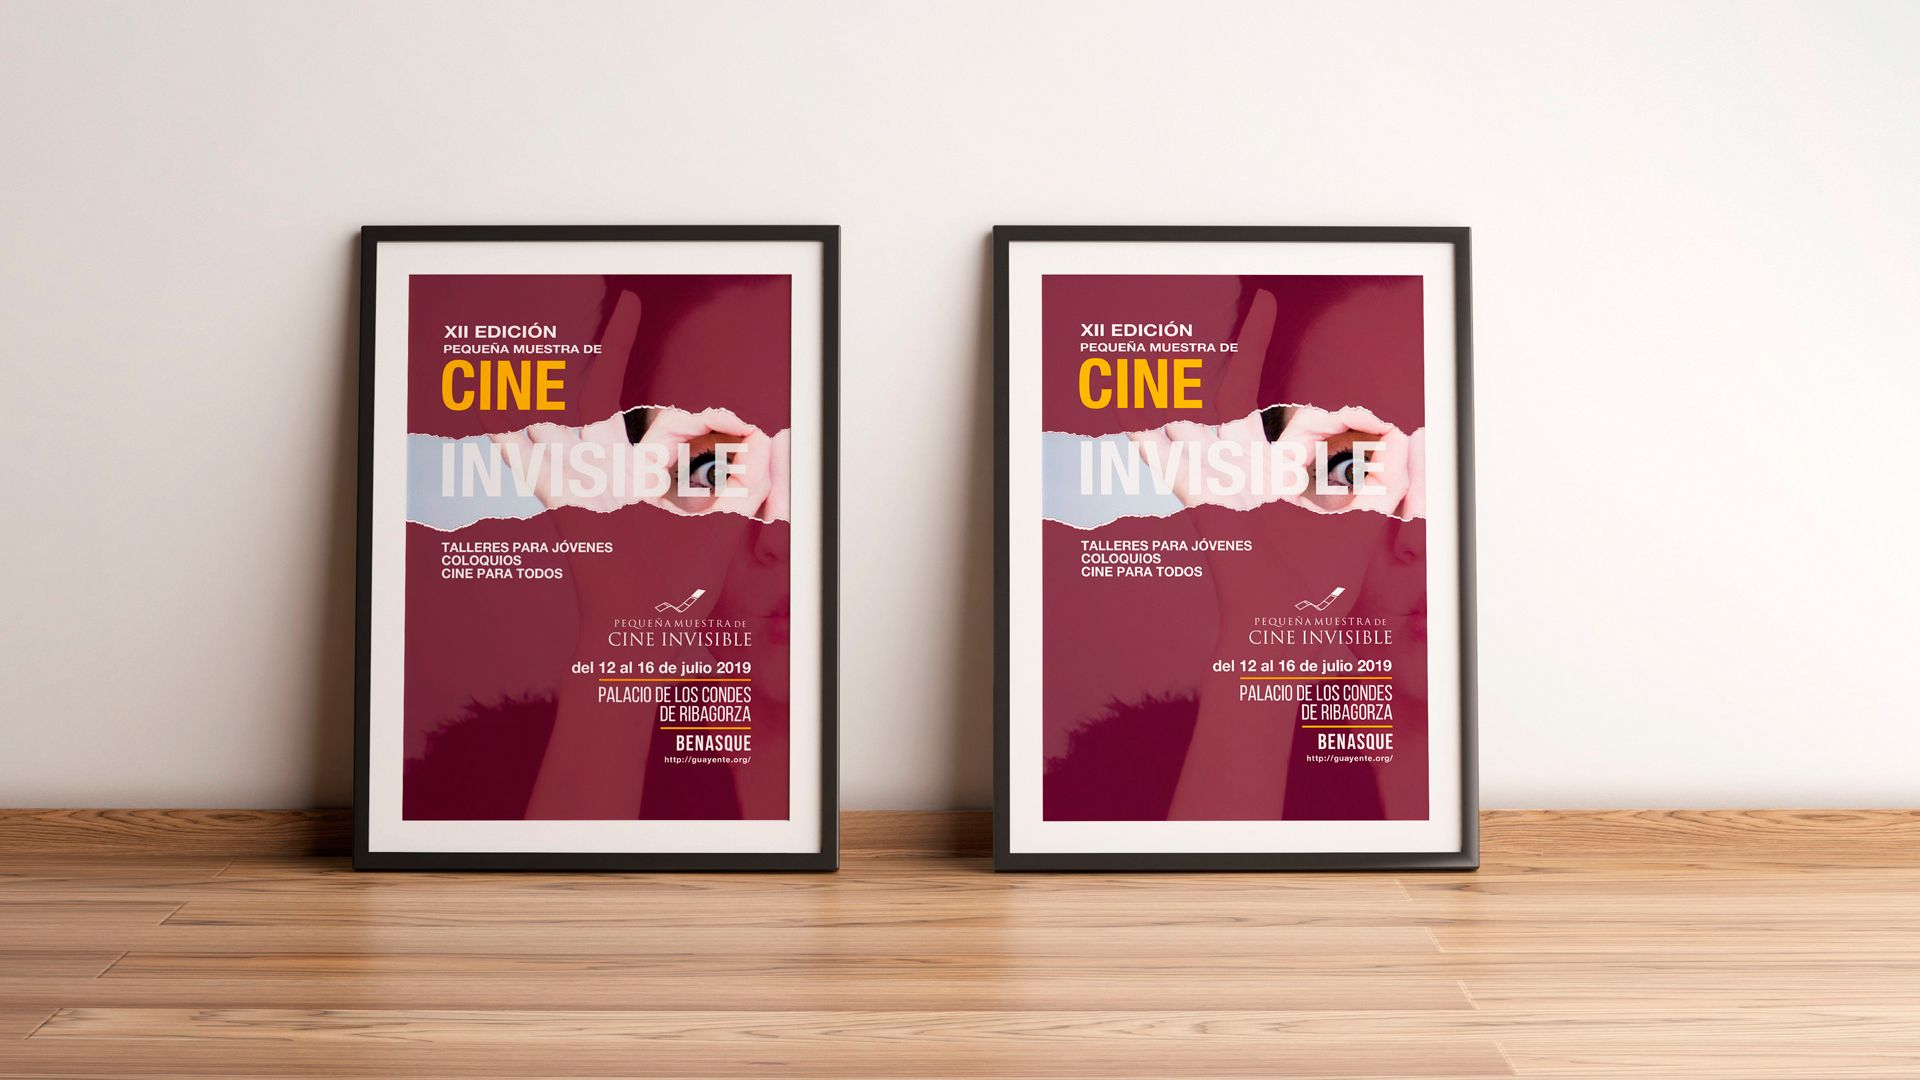 XII edición muestra de cine invisible 2019 - Poster